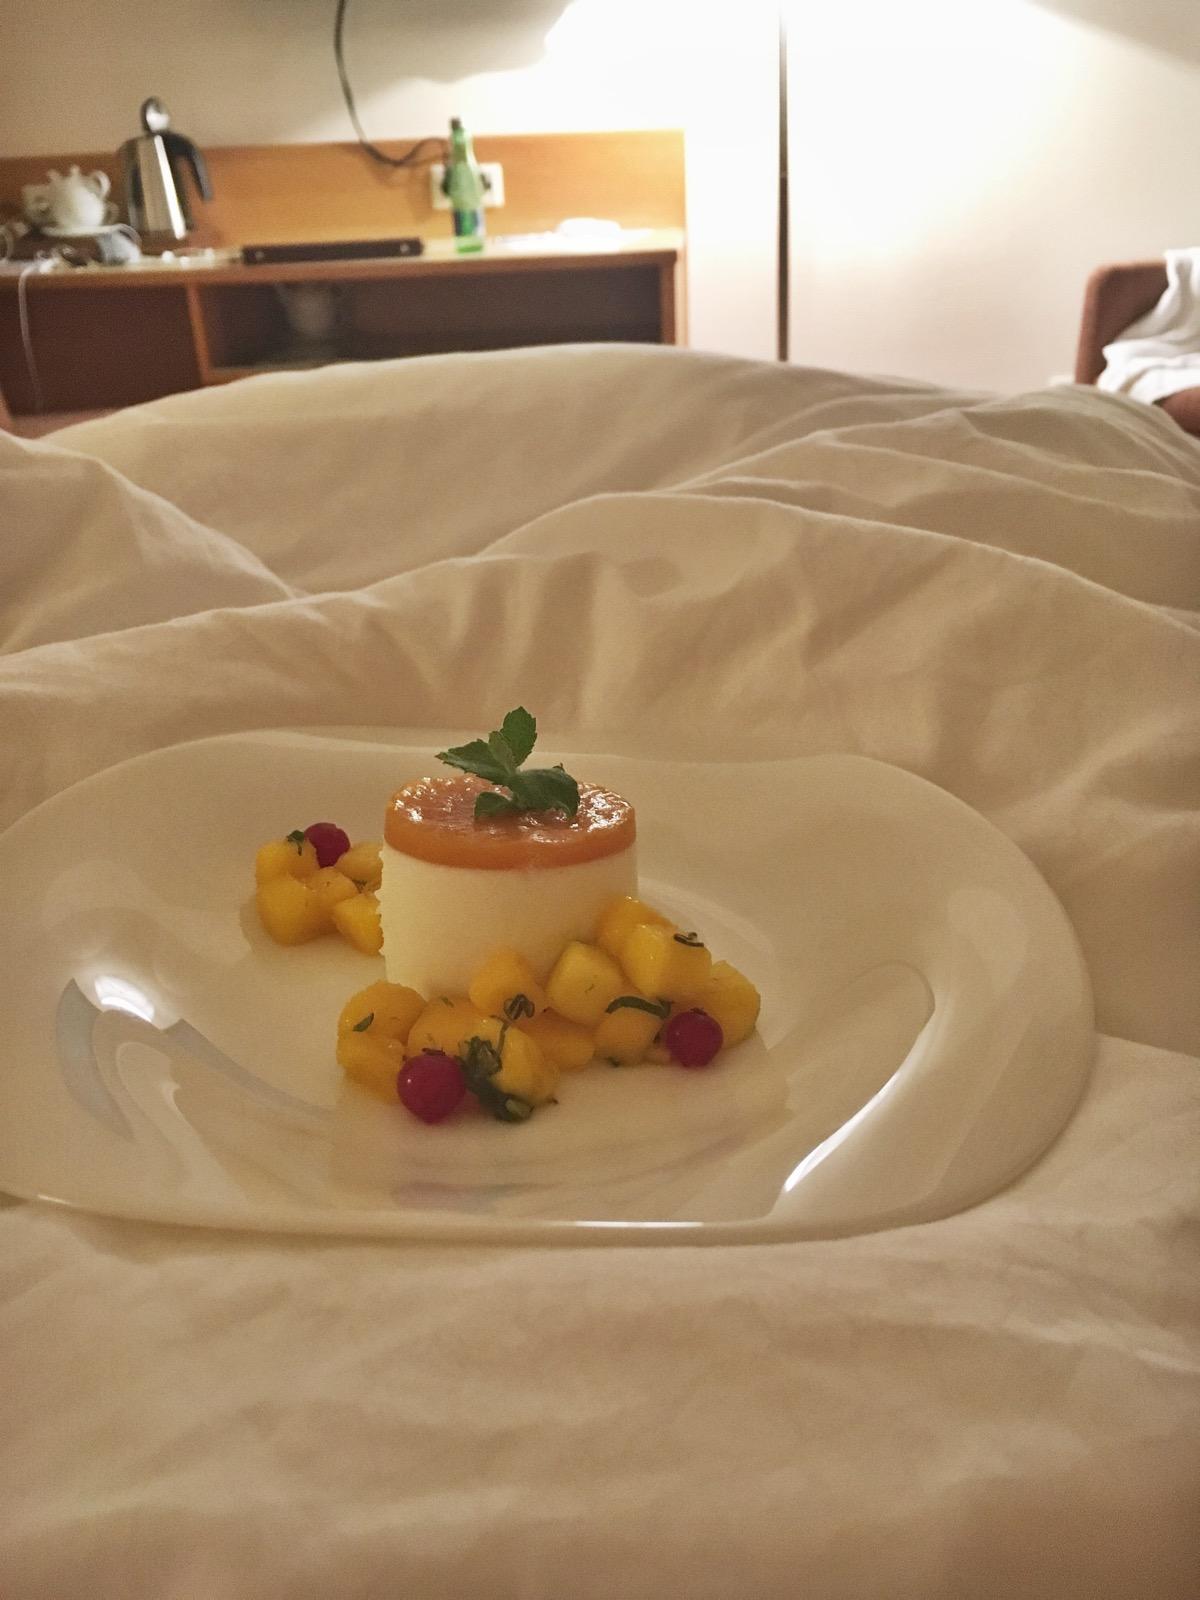 leckeres Passionsfruchttörtchen vom Abendessen - habe ich dann einfach im Bett zu mir genommen, because I can :D